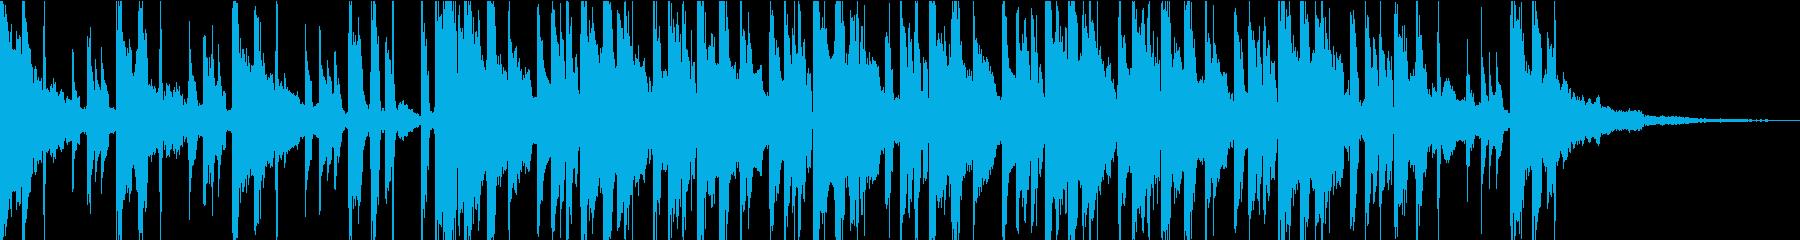 37秒涼しげ少しチープな?シンセPOPSの再生済みの波形